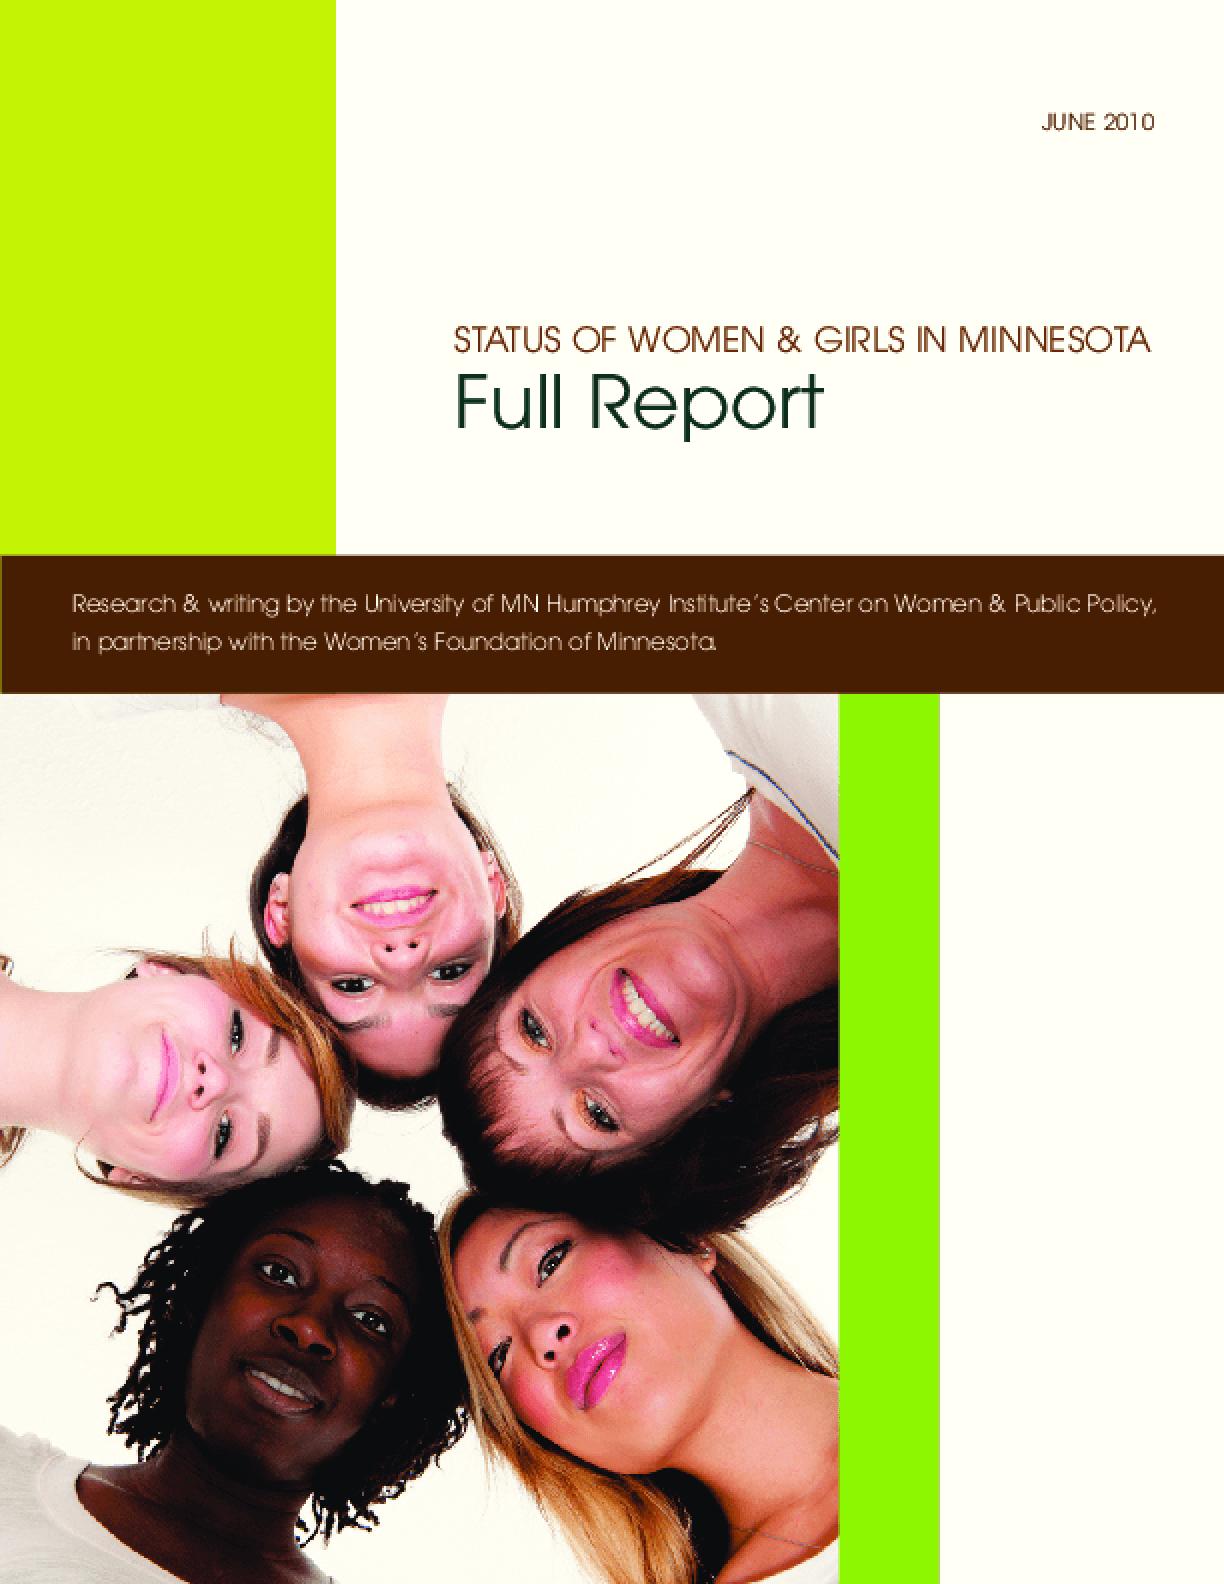 Status of Women & Girls in Minnesota